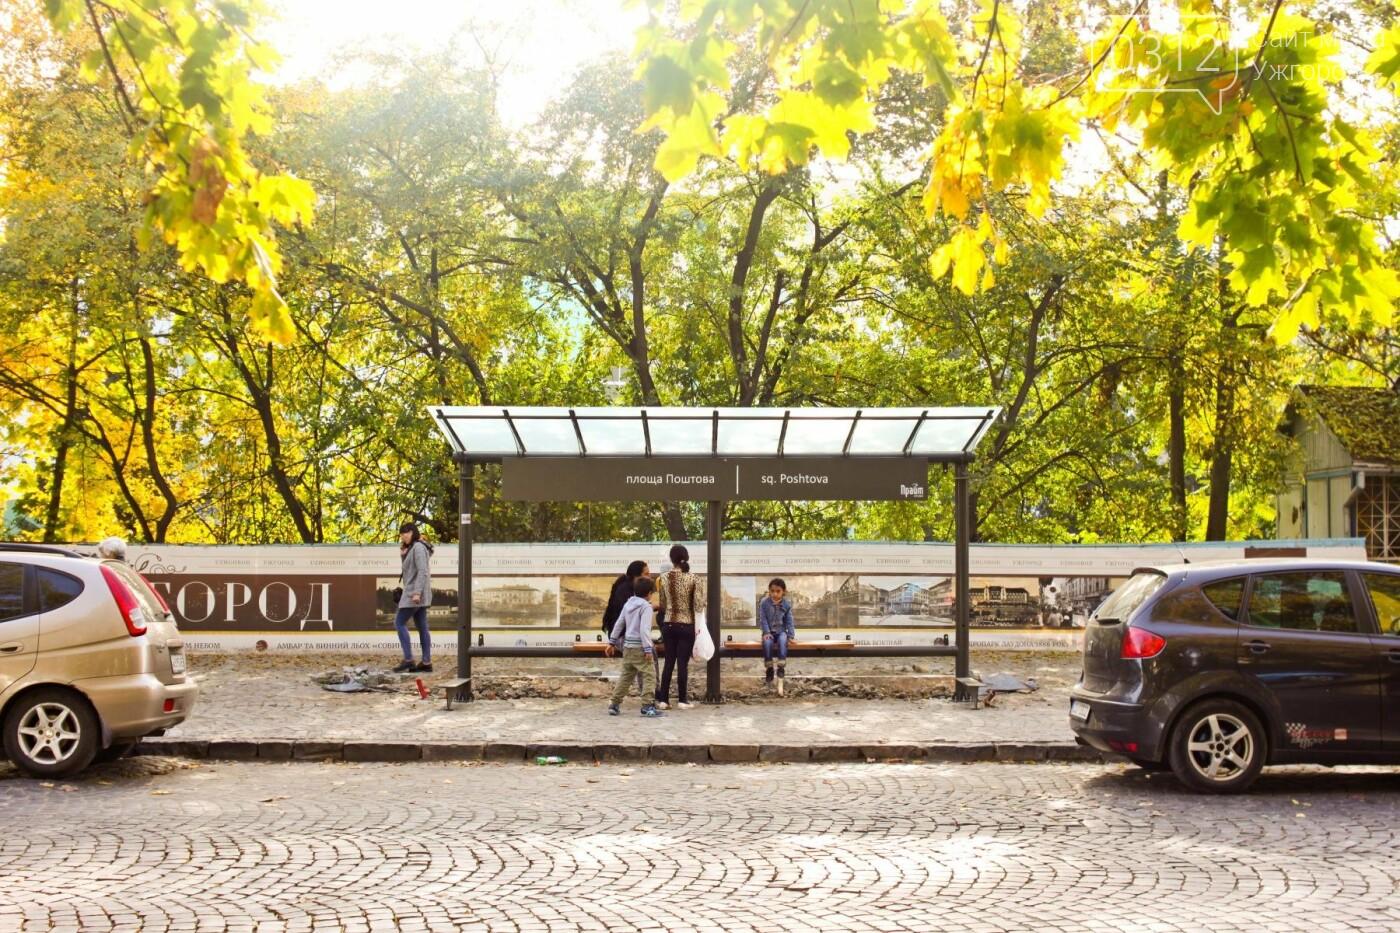 Антивандальне скло та відеоспостереження: чим дивуватимуть нові зупинки в Ужгороді? (ФОТОРЕПОРТАЖ), фото-7